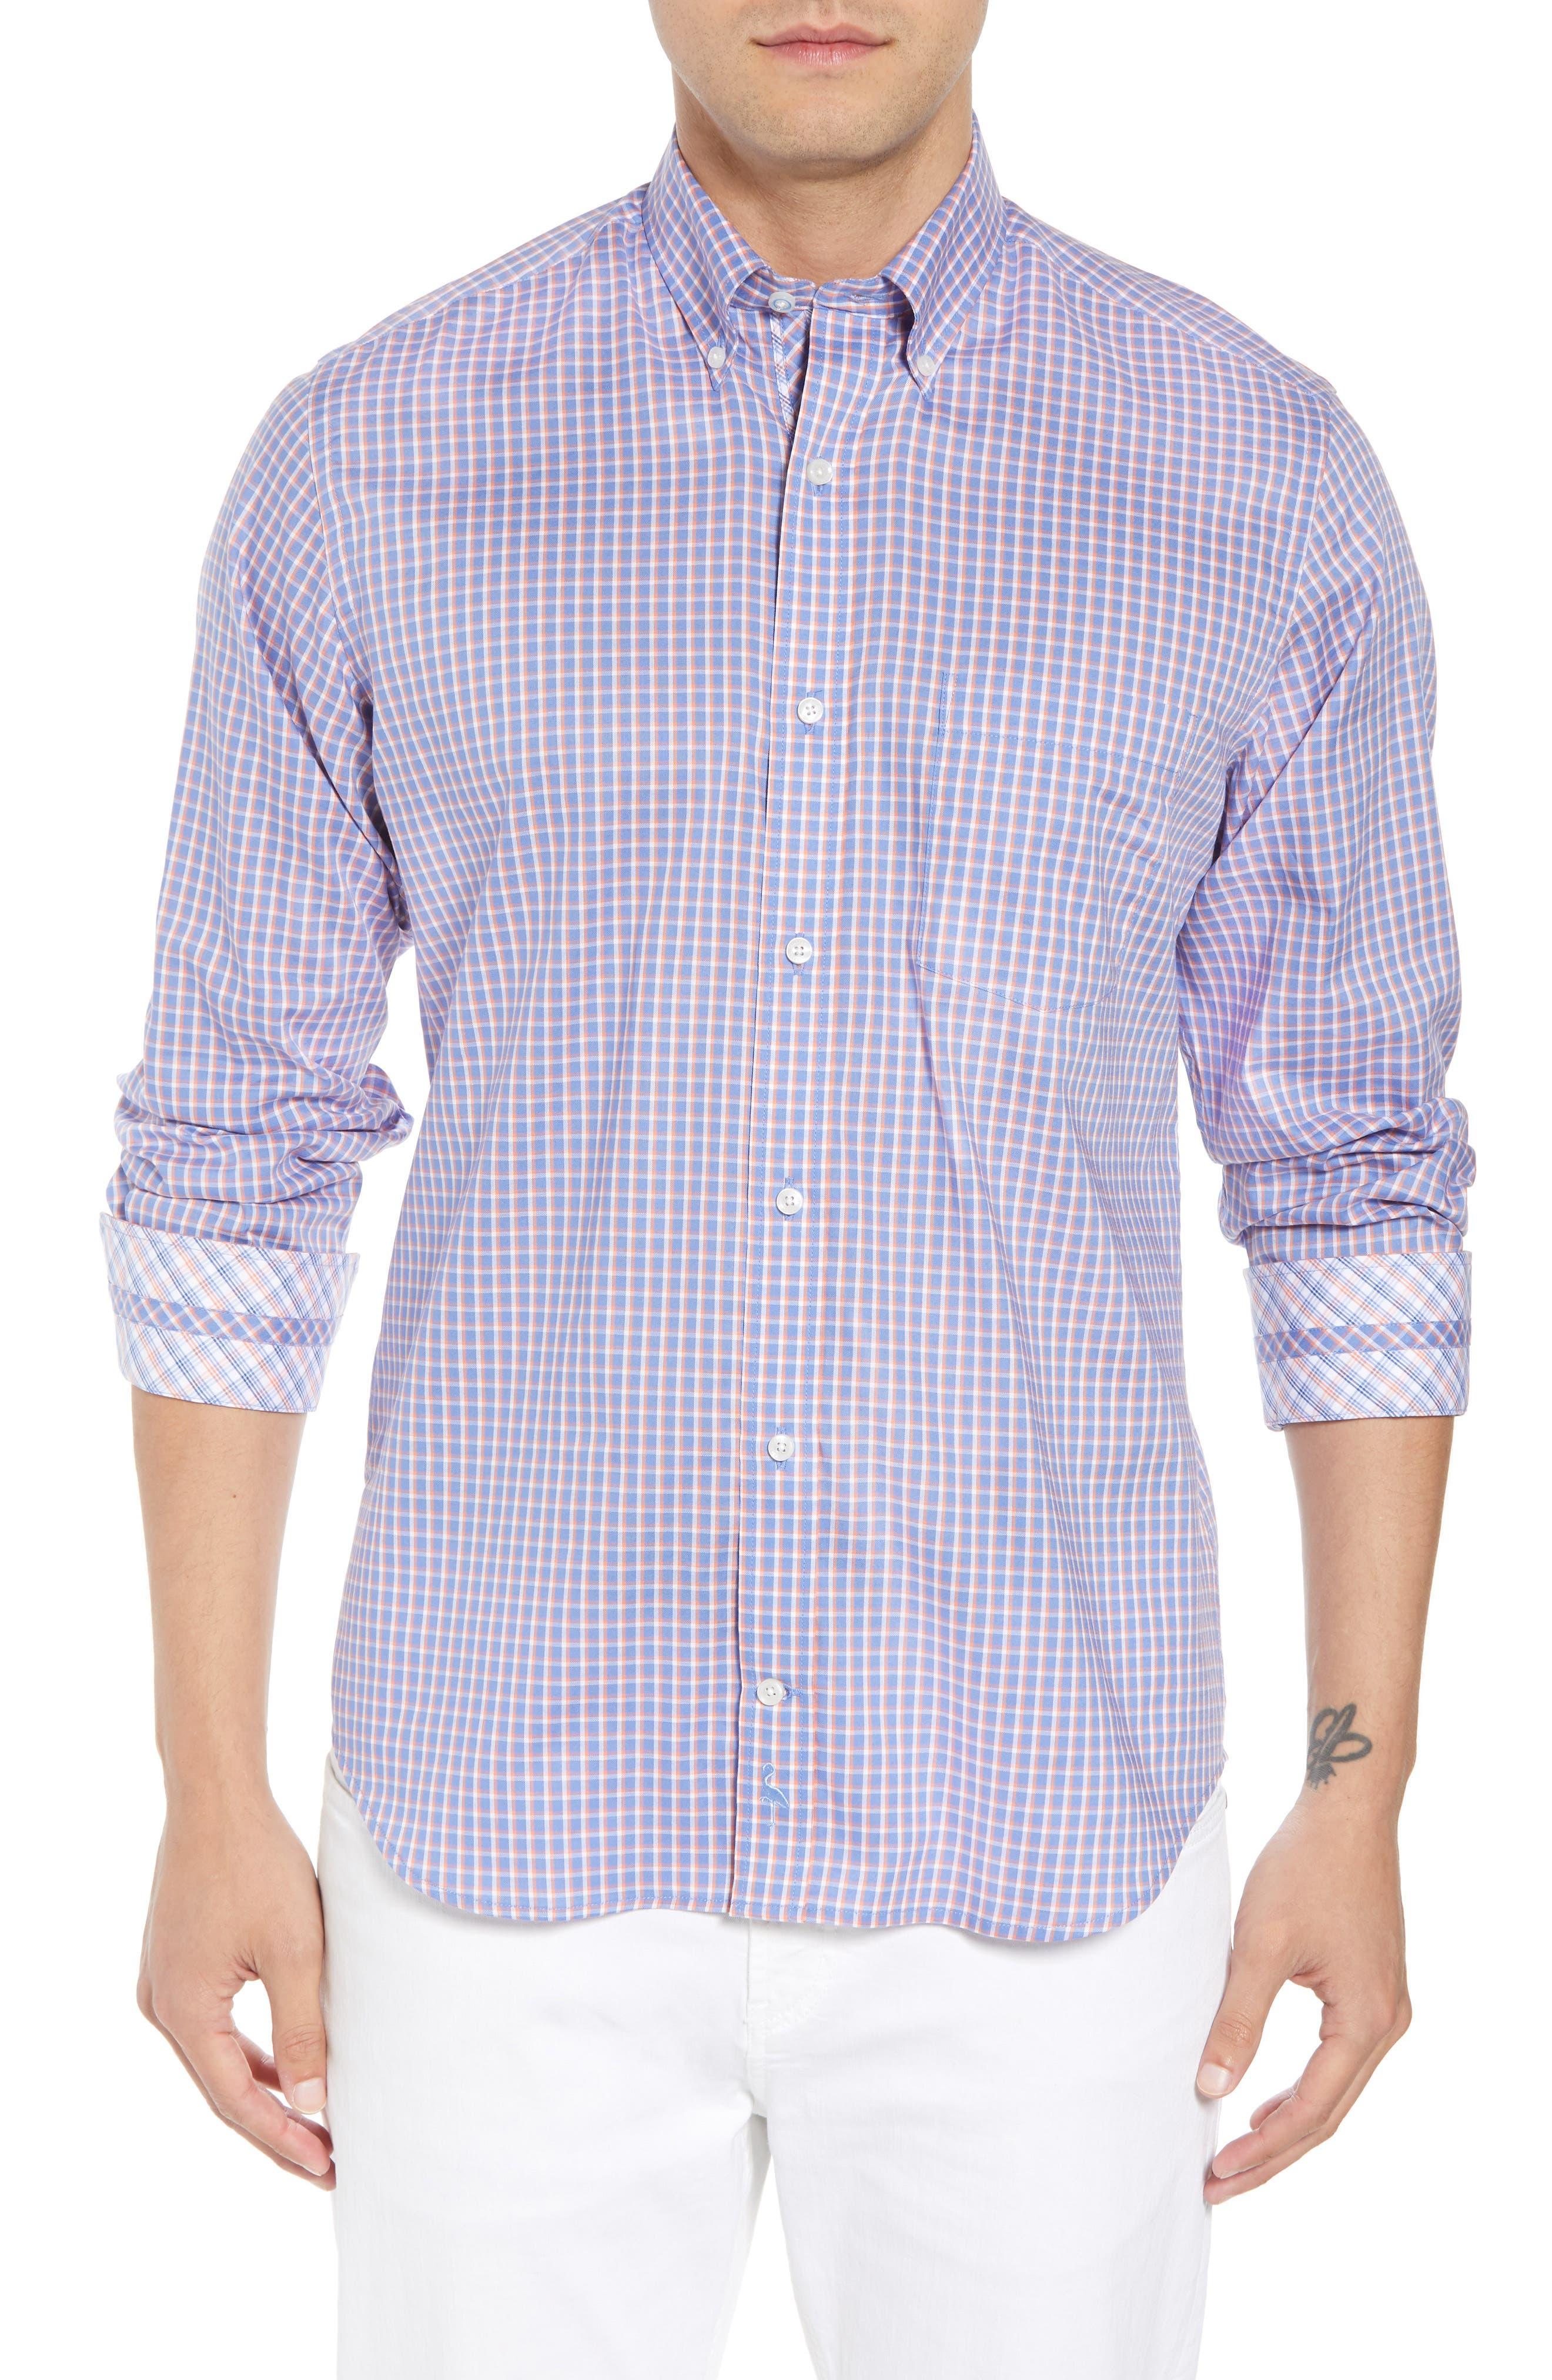 Bader Regular Fit Check Sport Shirt,                             Main thumbnail 1, color,                             400